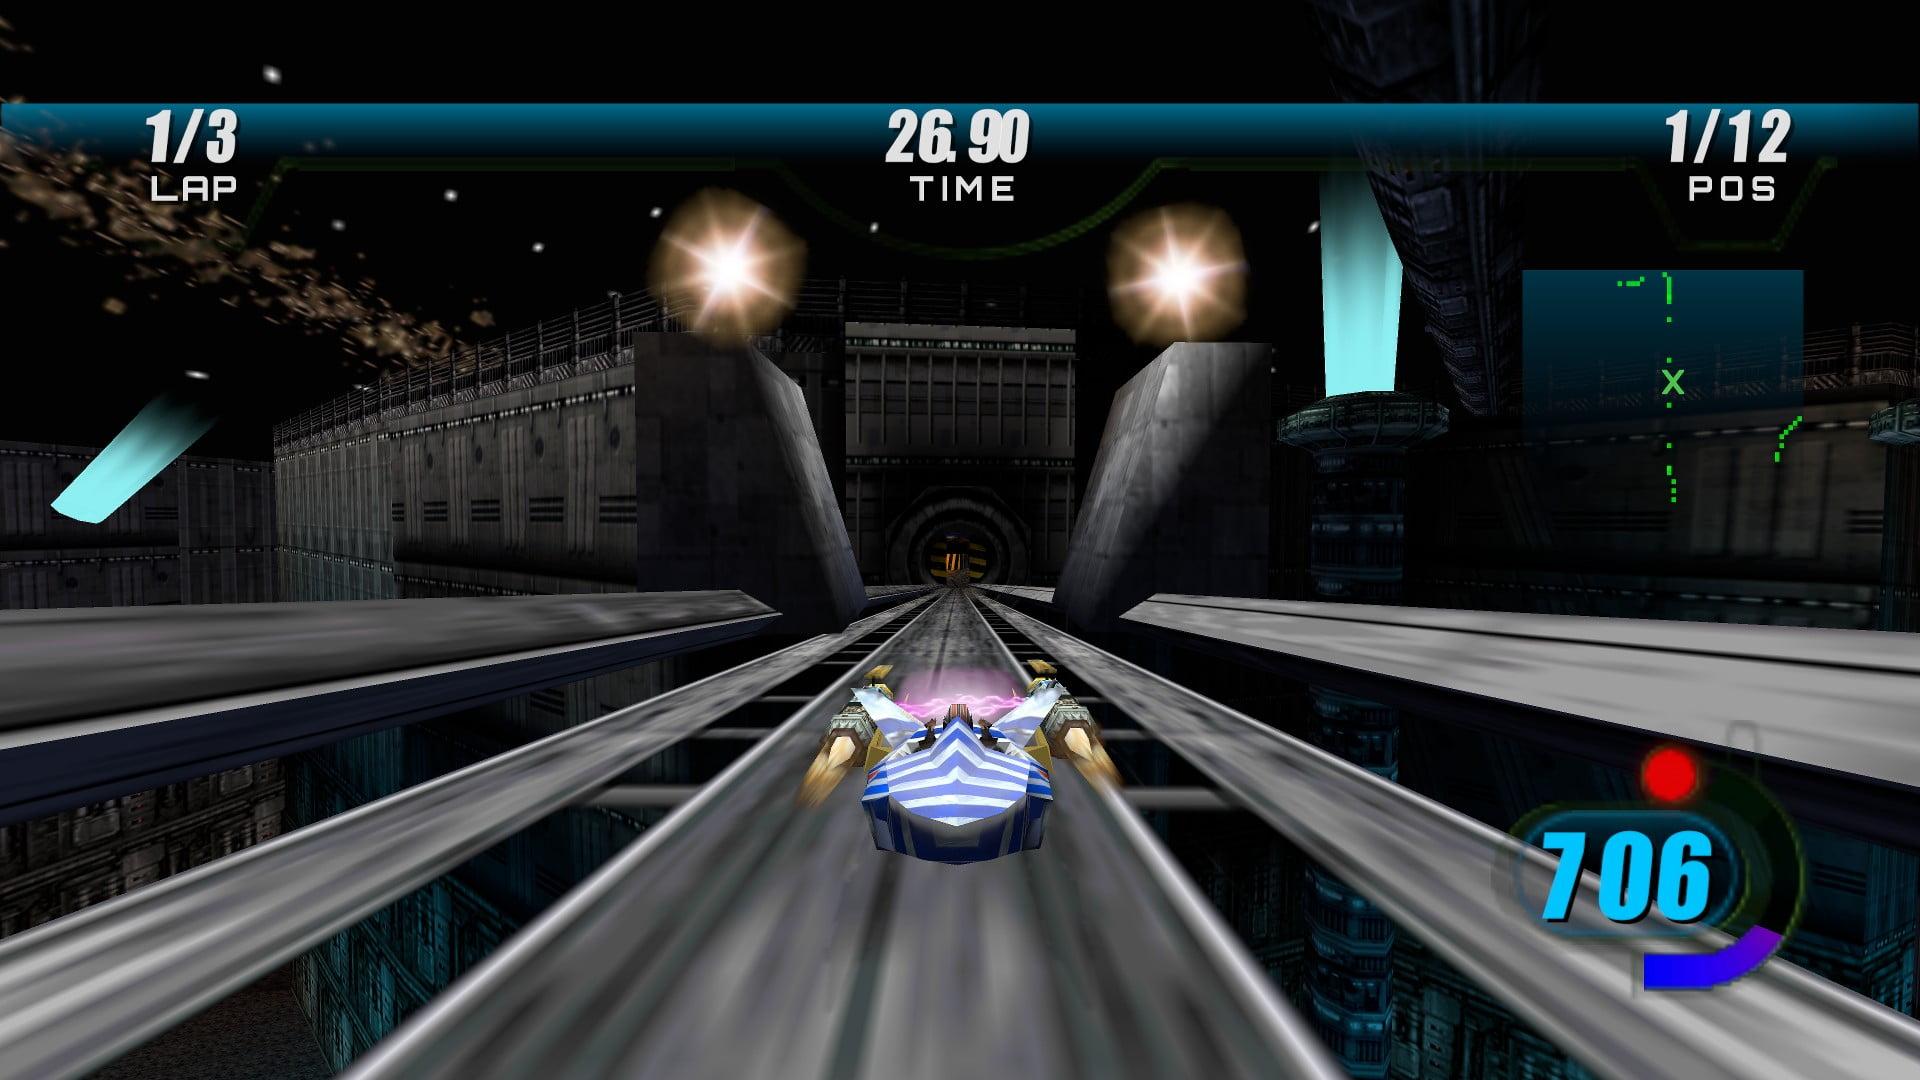 Star Wars Episode I Racer 1